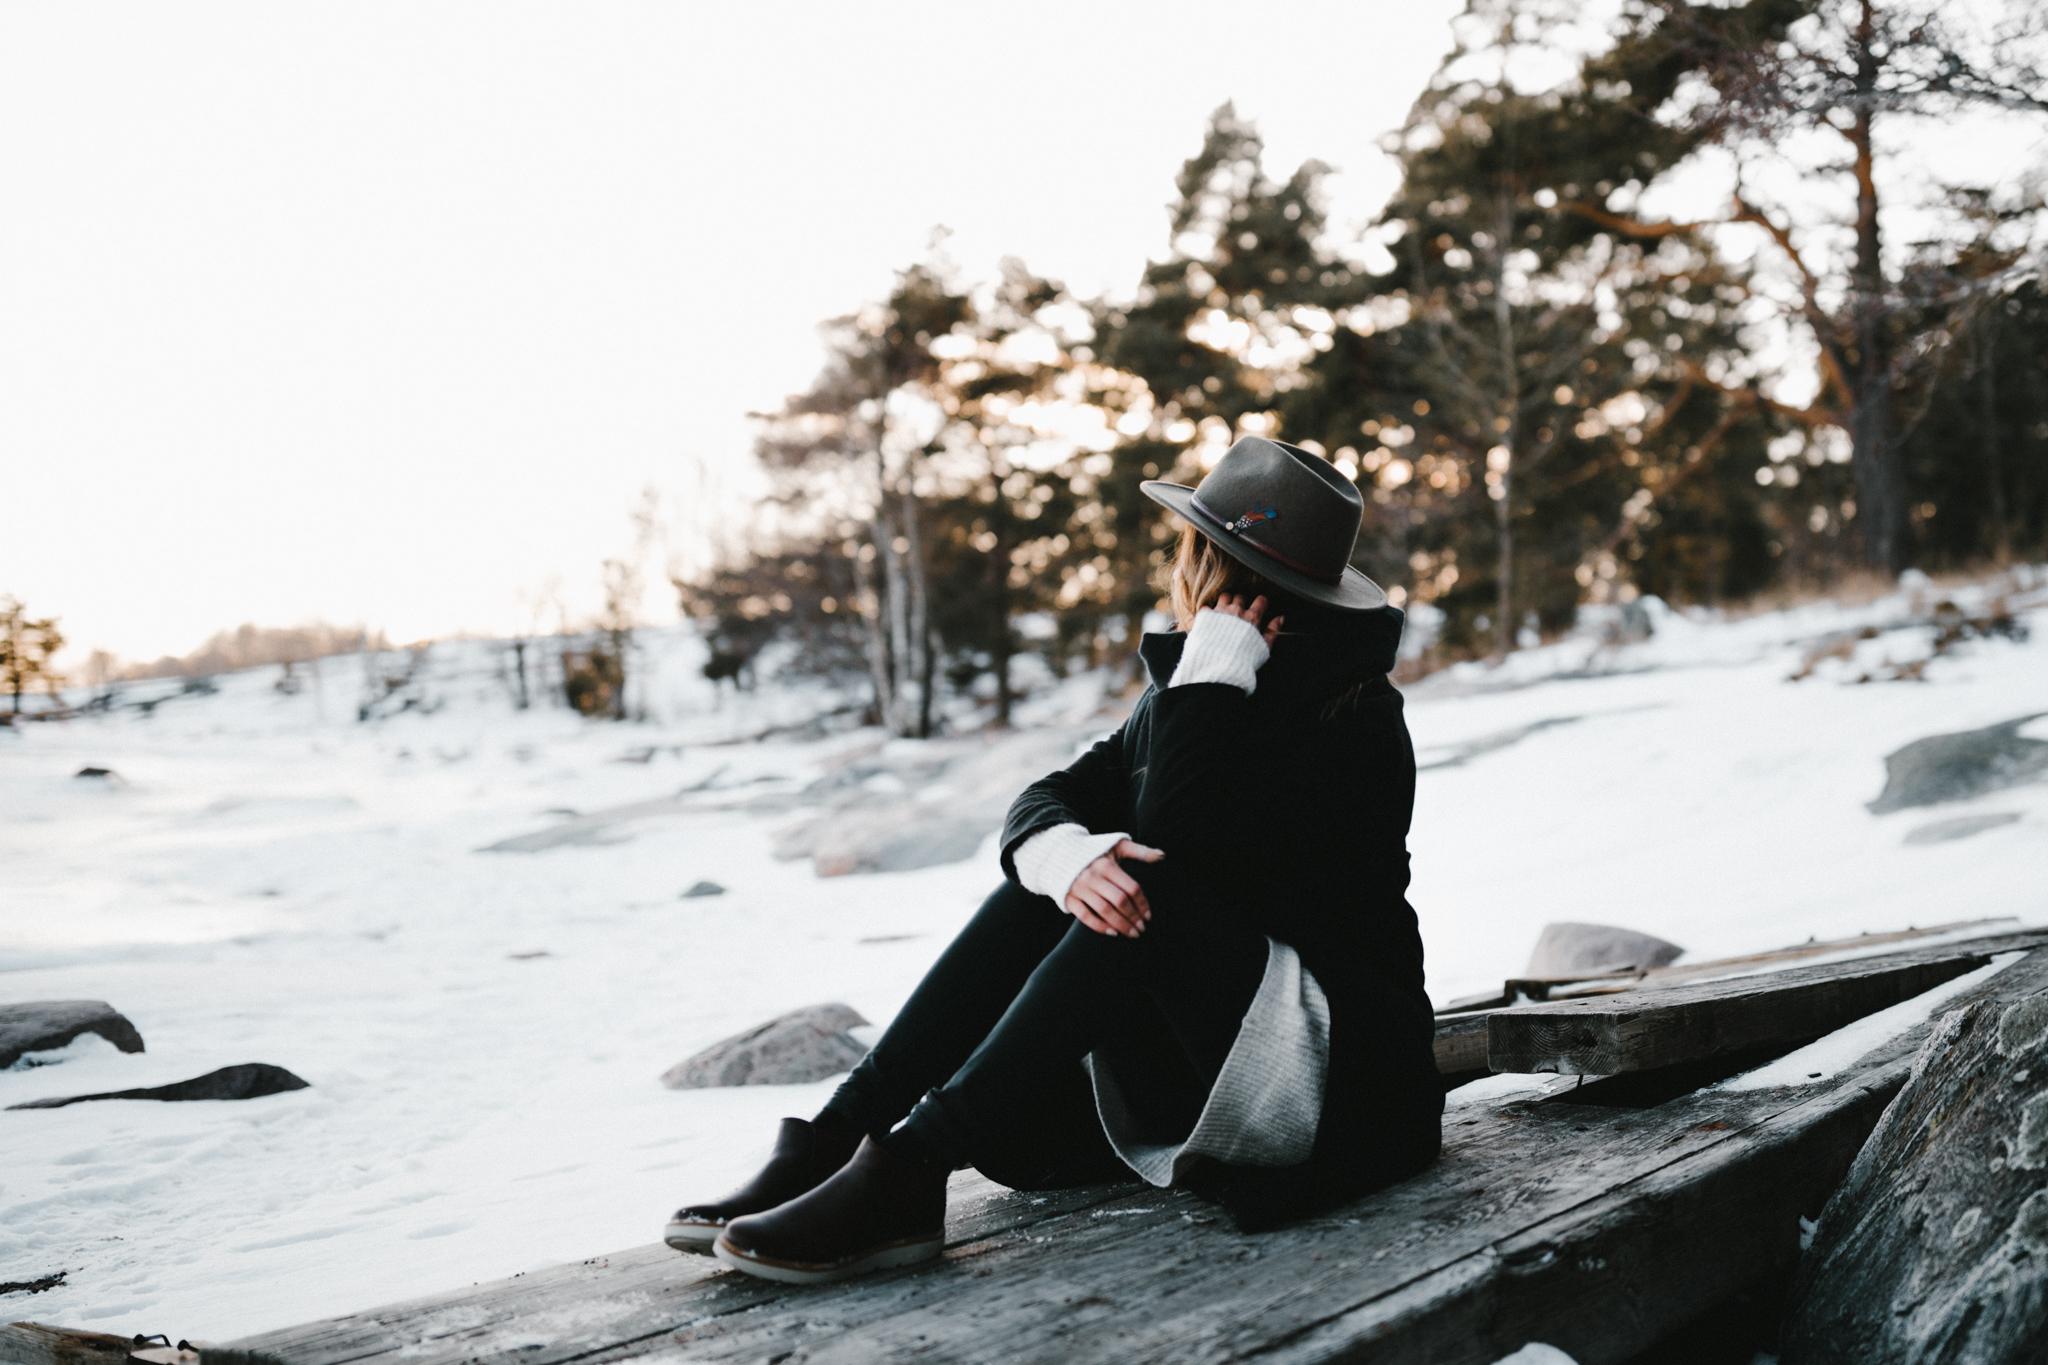 Julia Toivola -- Photos by Patrick Karkkolainen Photographer-67.jpg